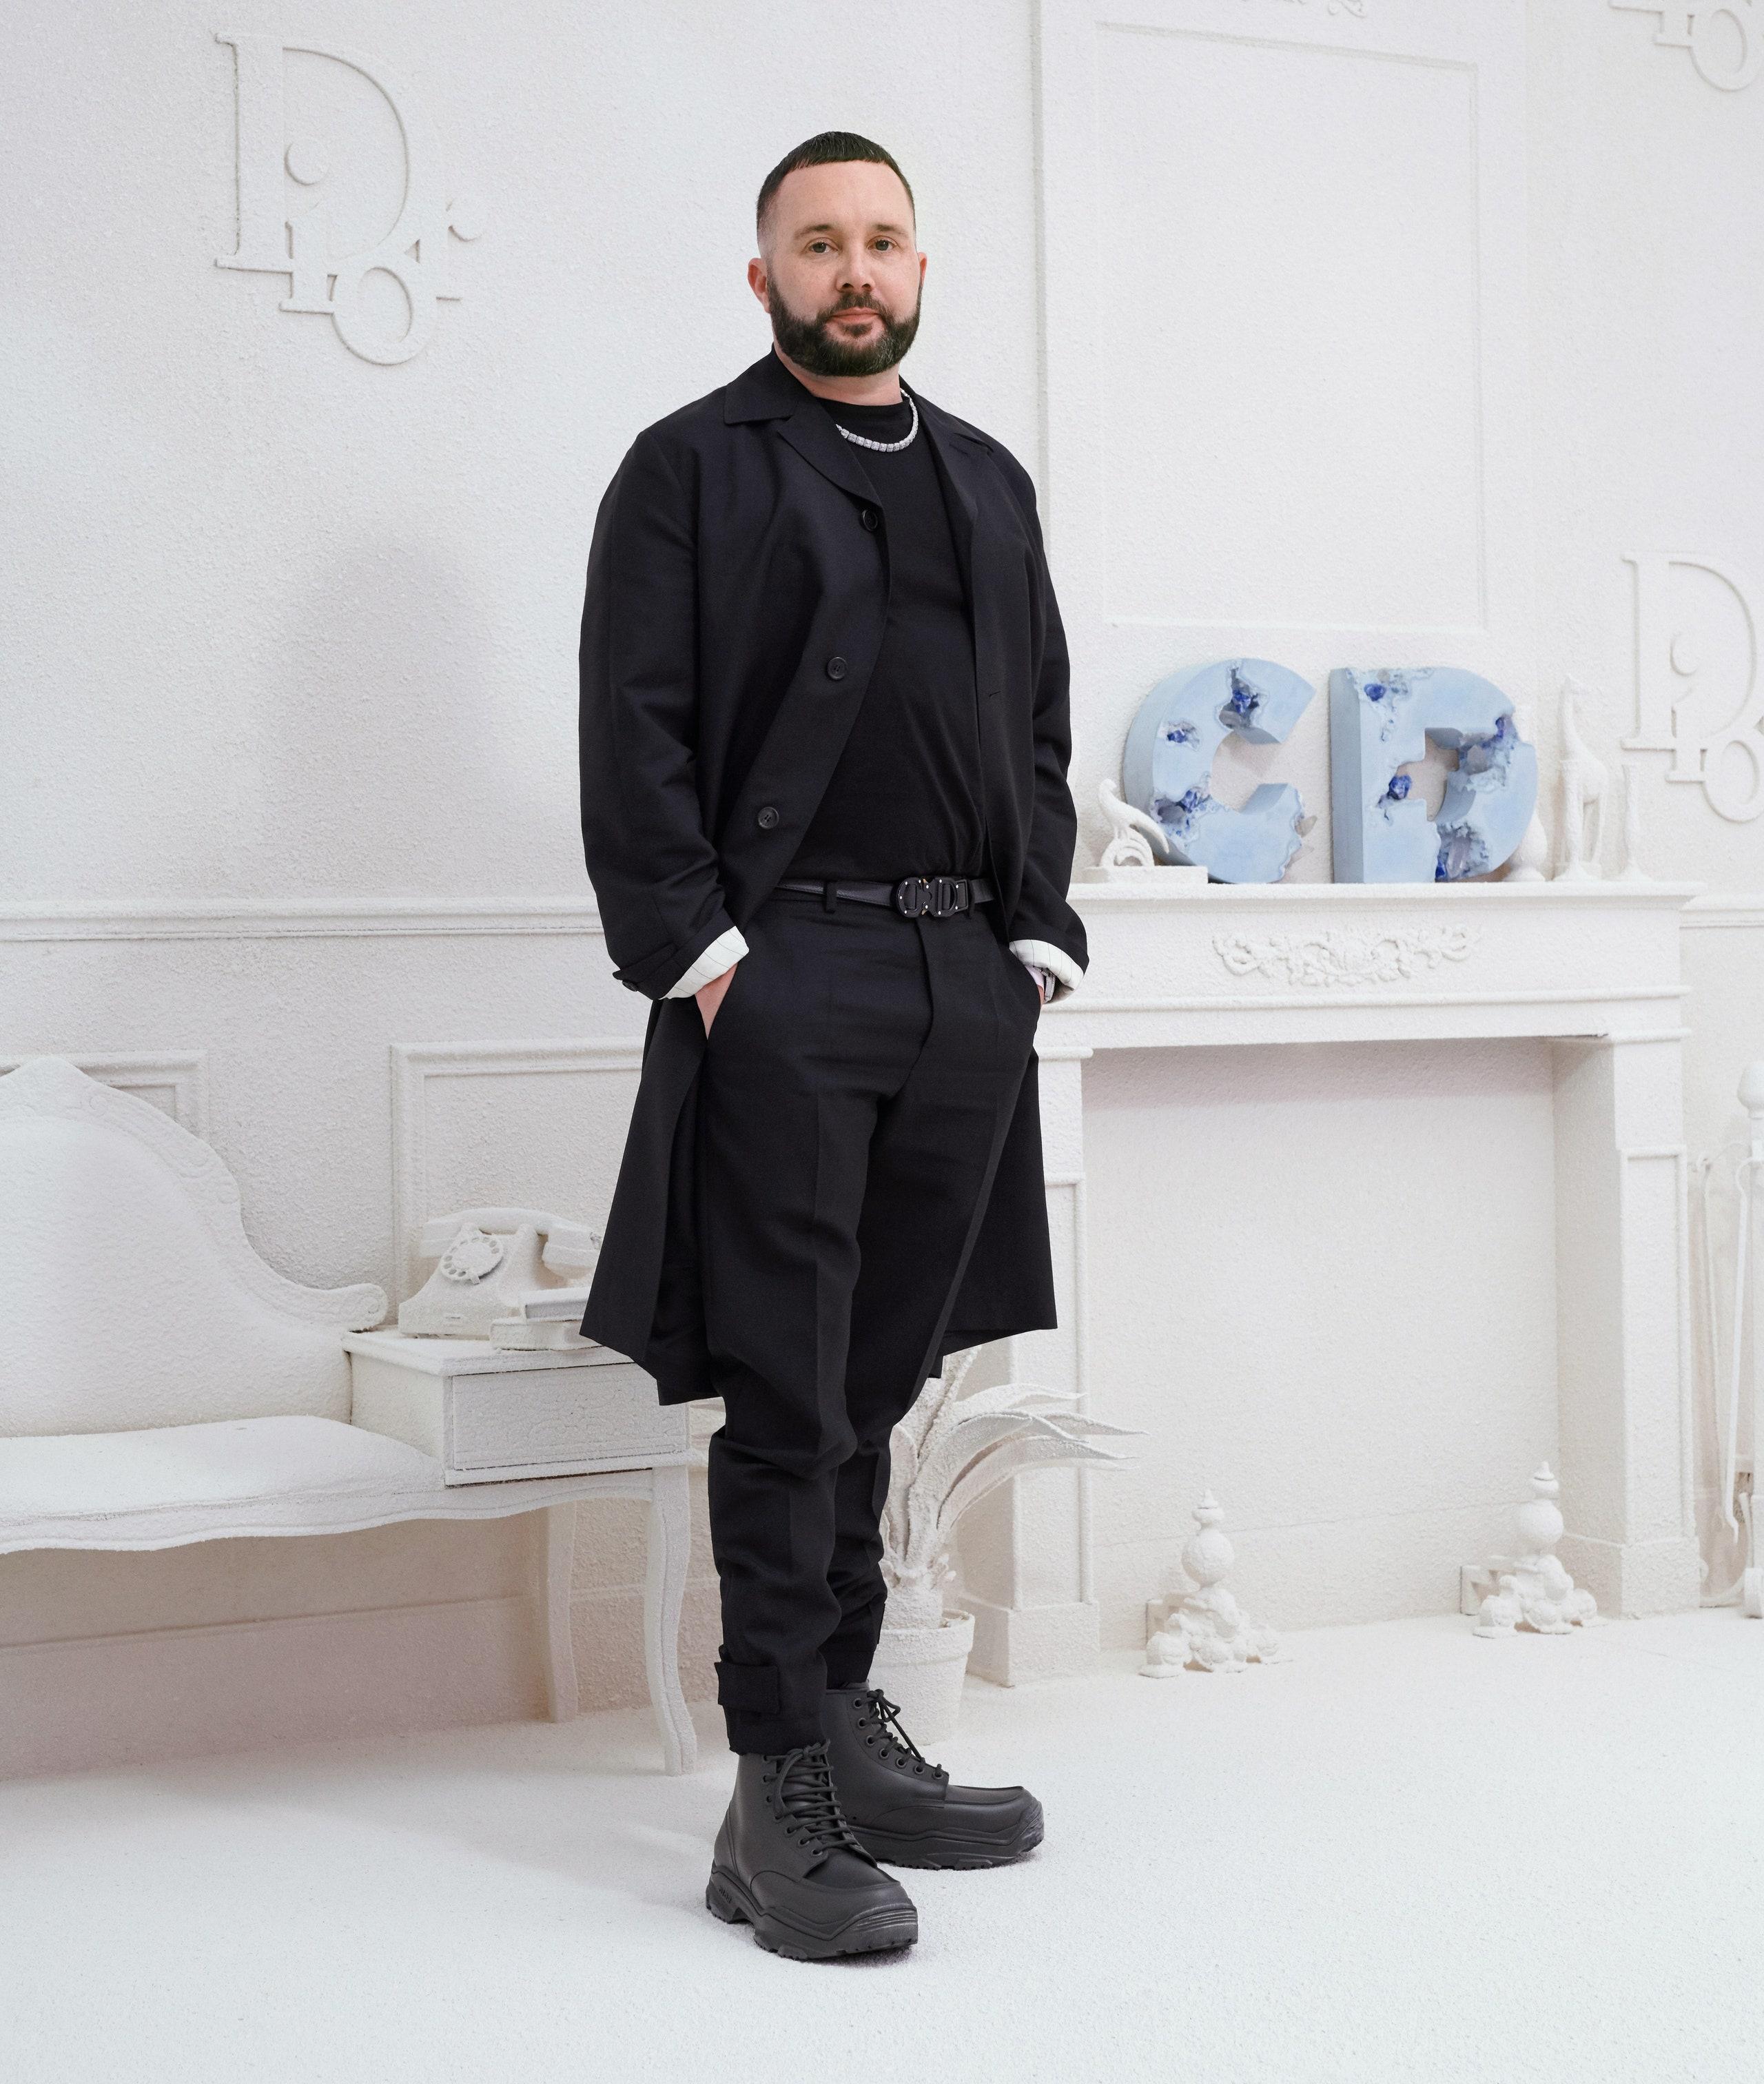 Nhà thiết kế Kim Jones gia nhập thời trang cao cấp Fendi